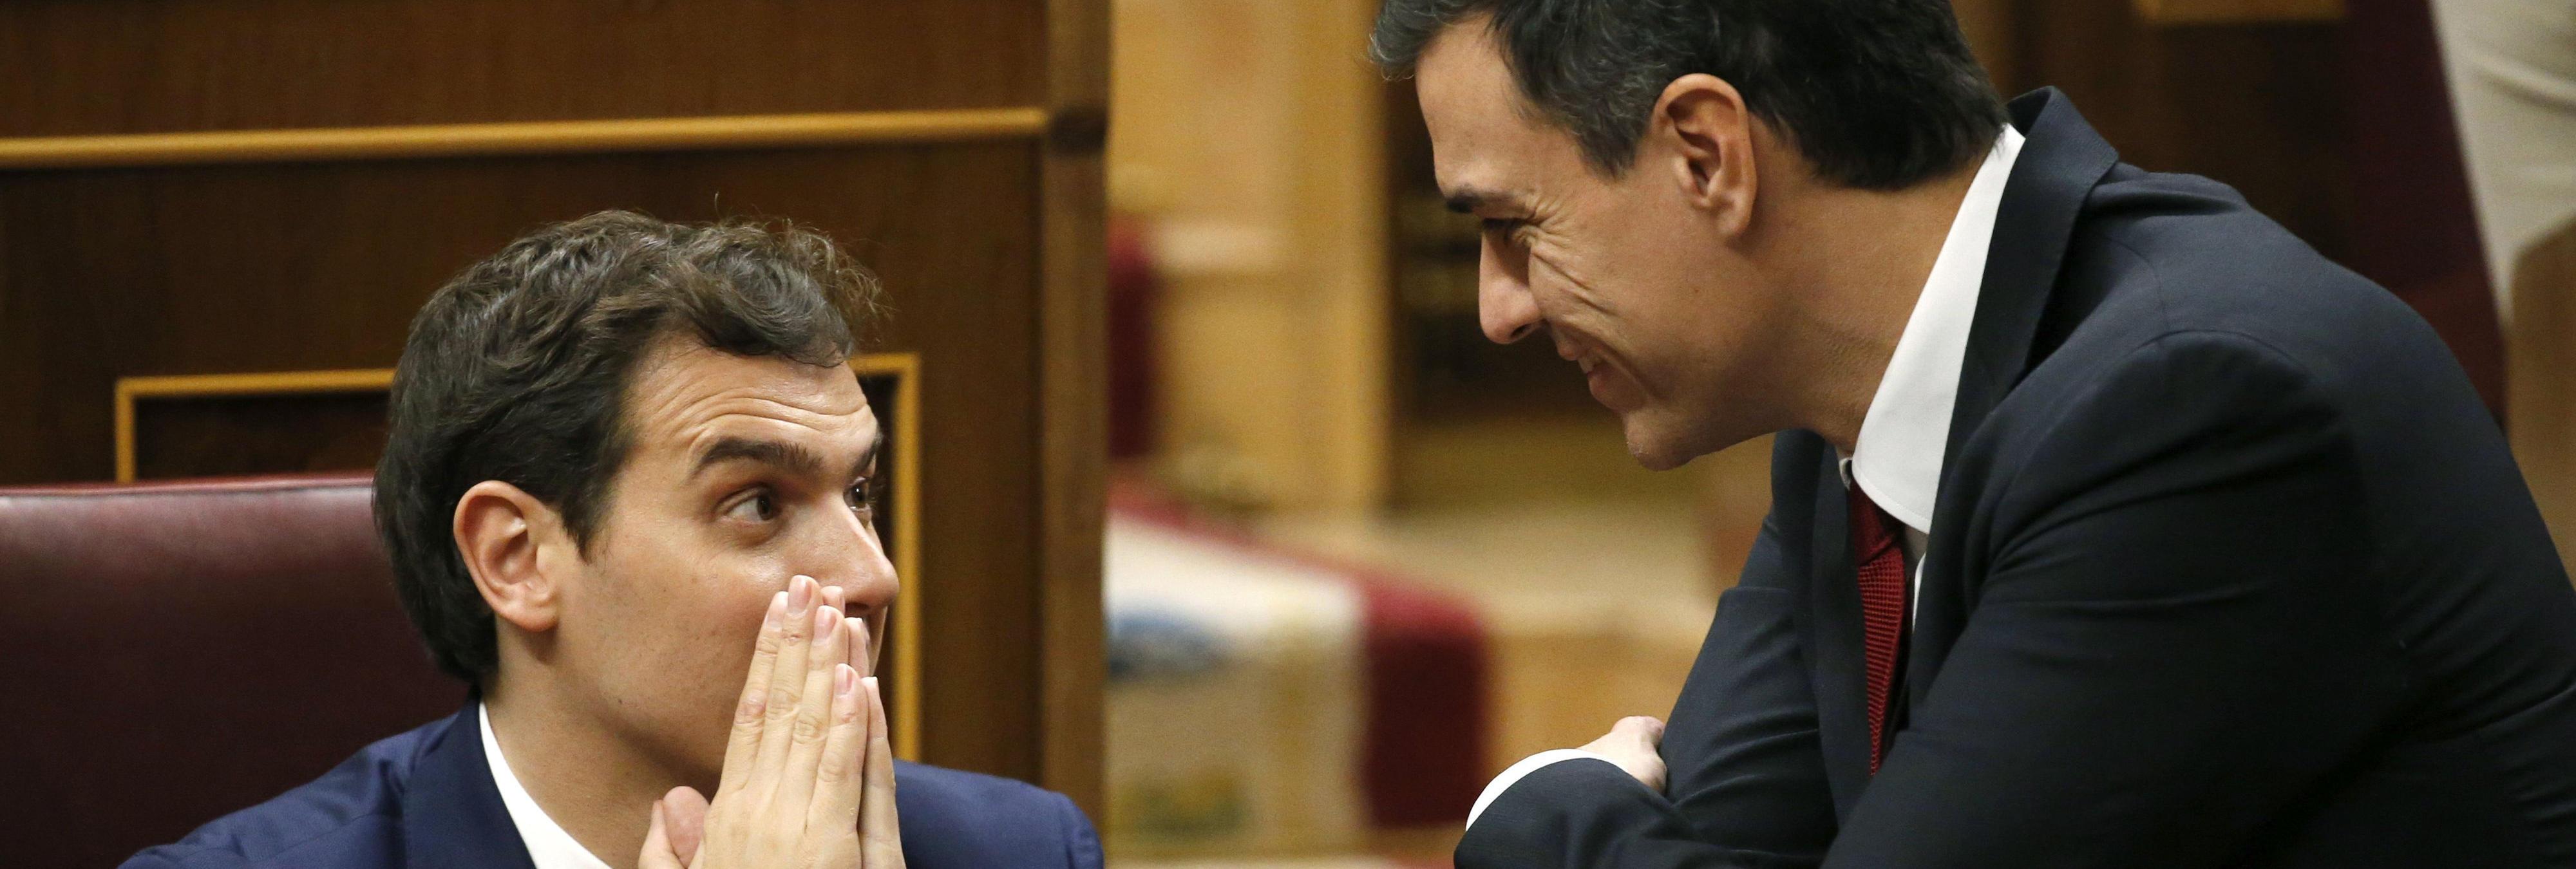 En directo: El discurso de investidura de Pedro Sánchez comentado por gatitos